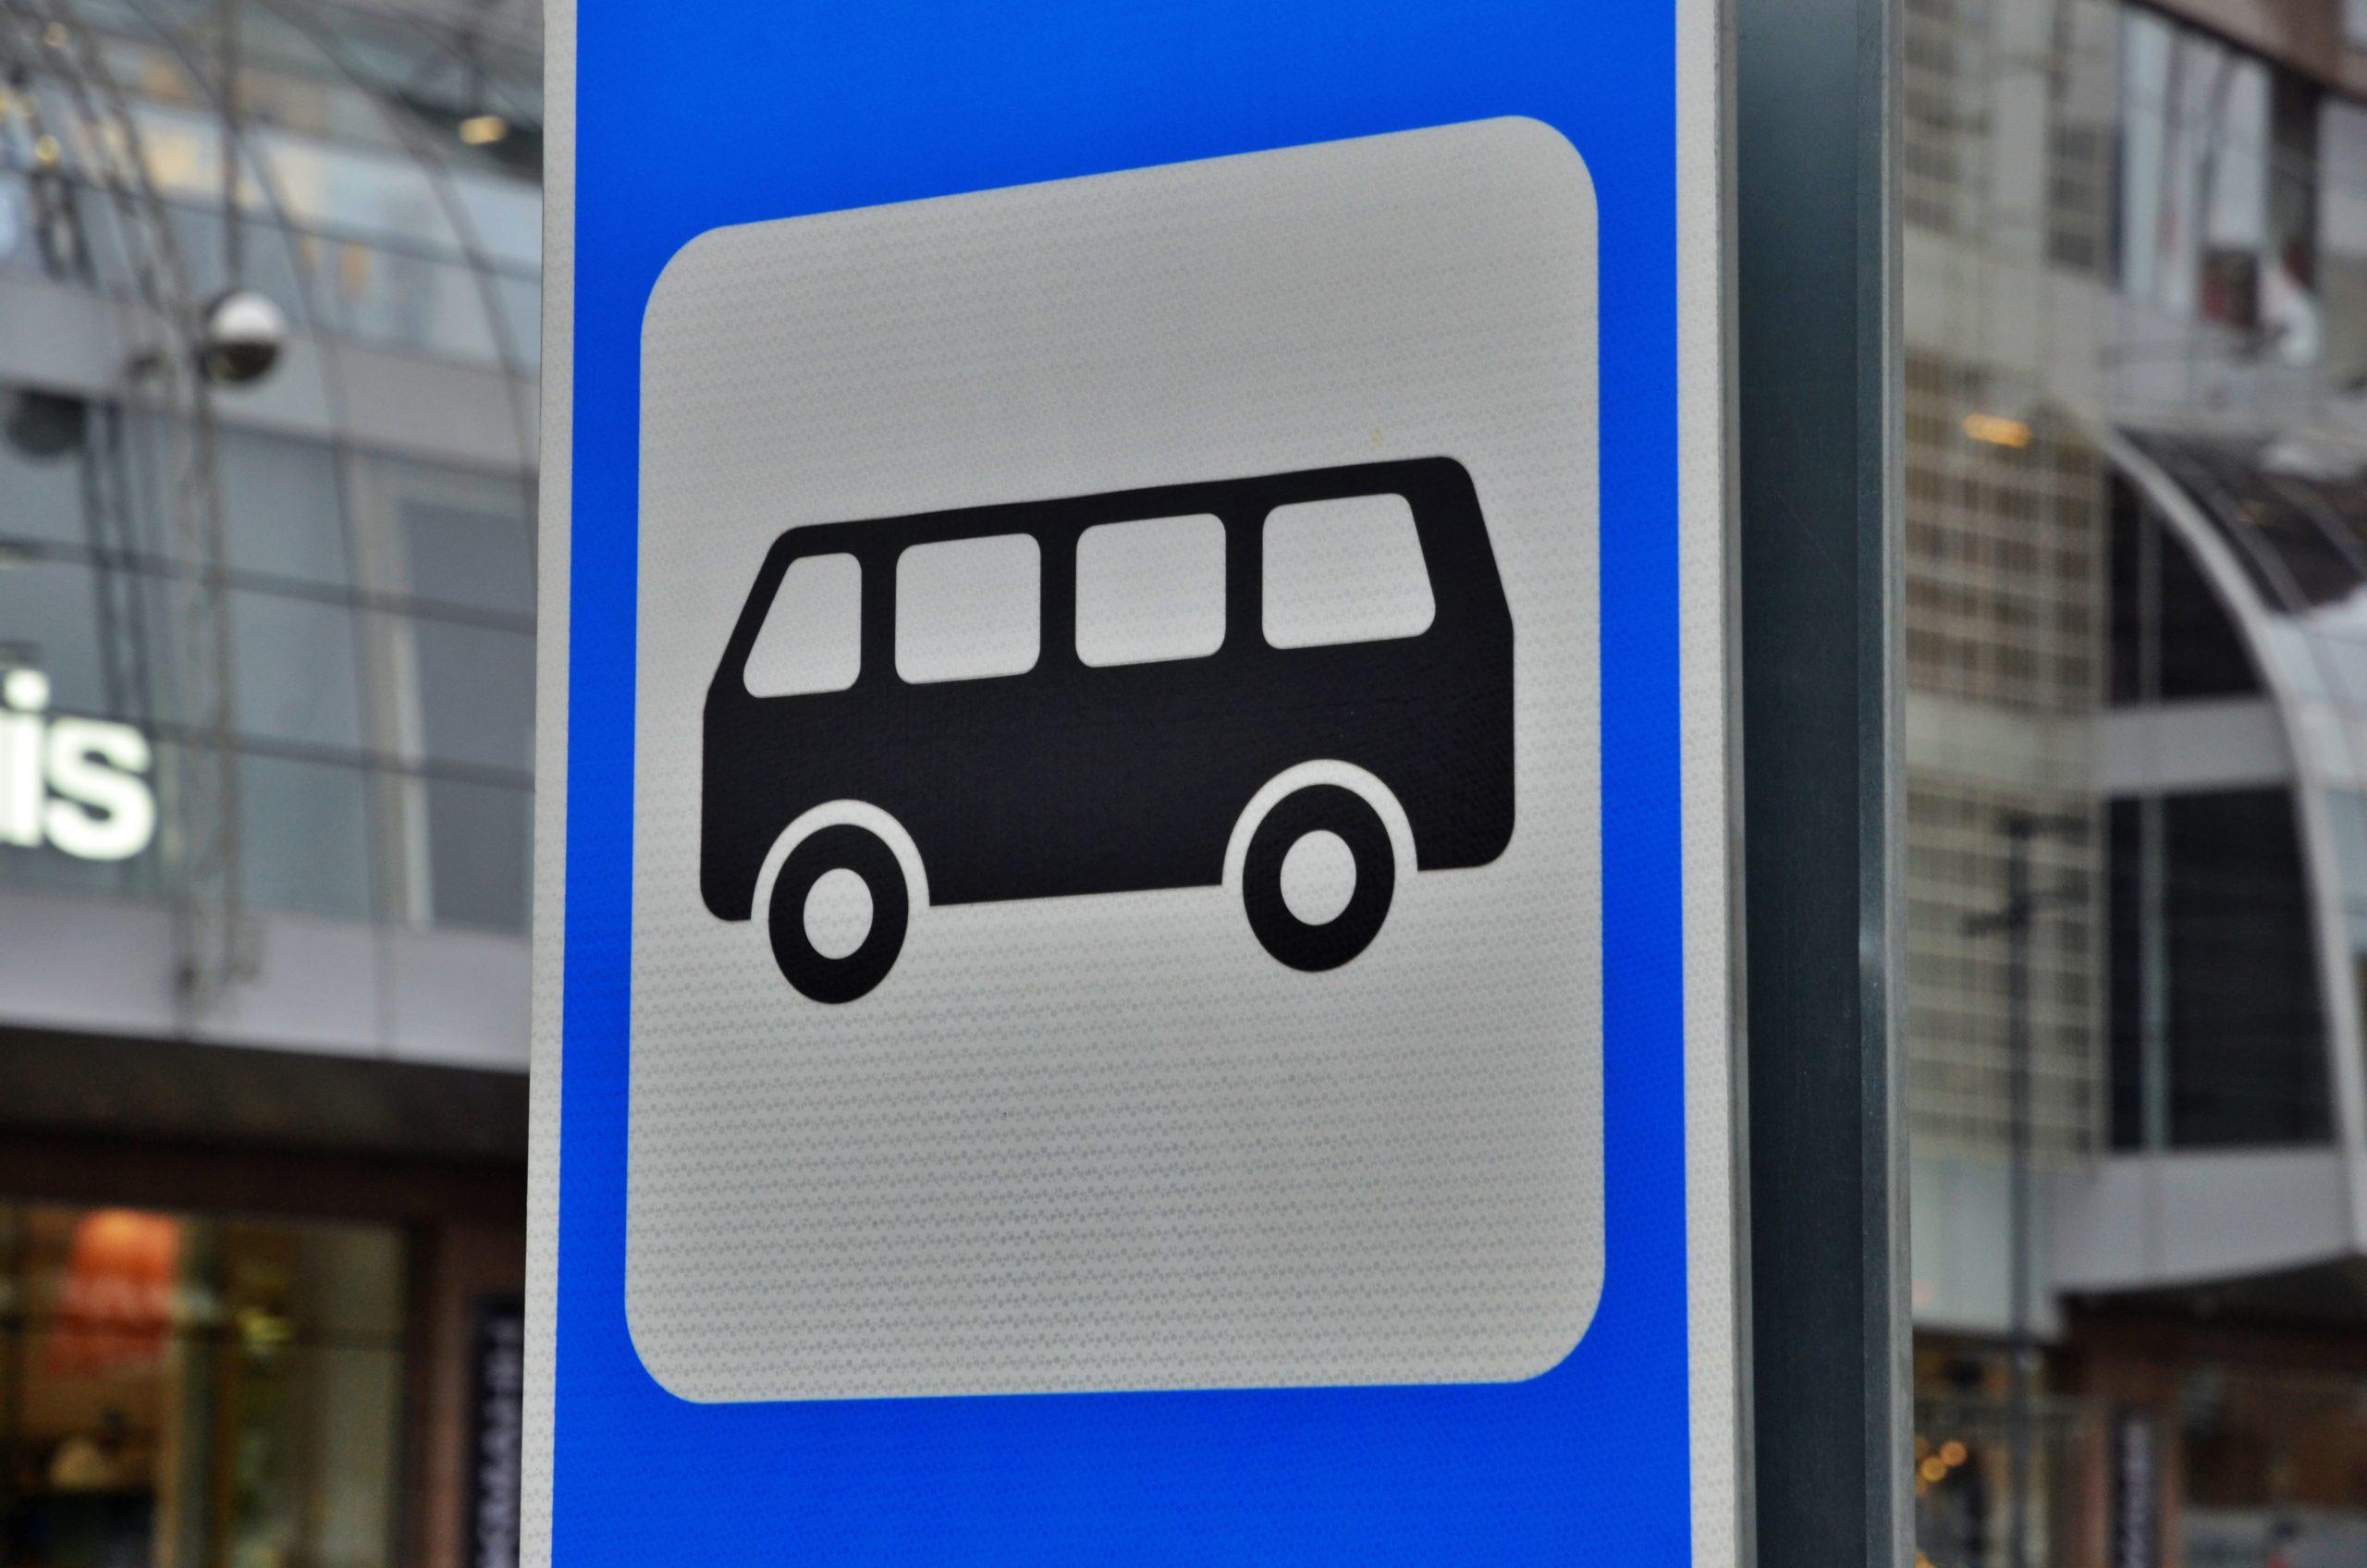 Жителей Москвы предупредили об изменении маршрута автобуса №690